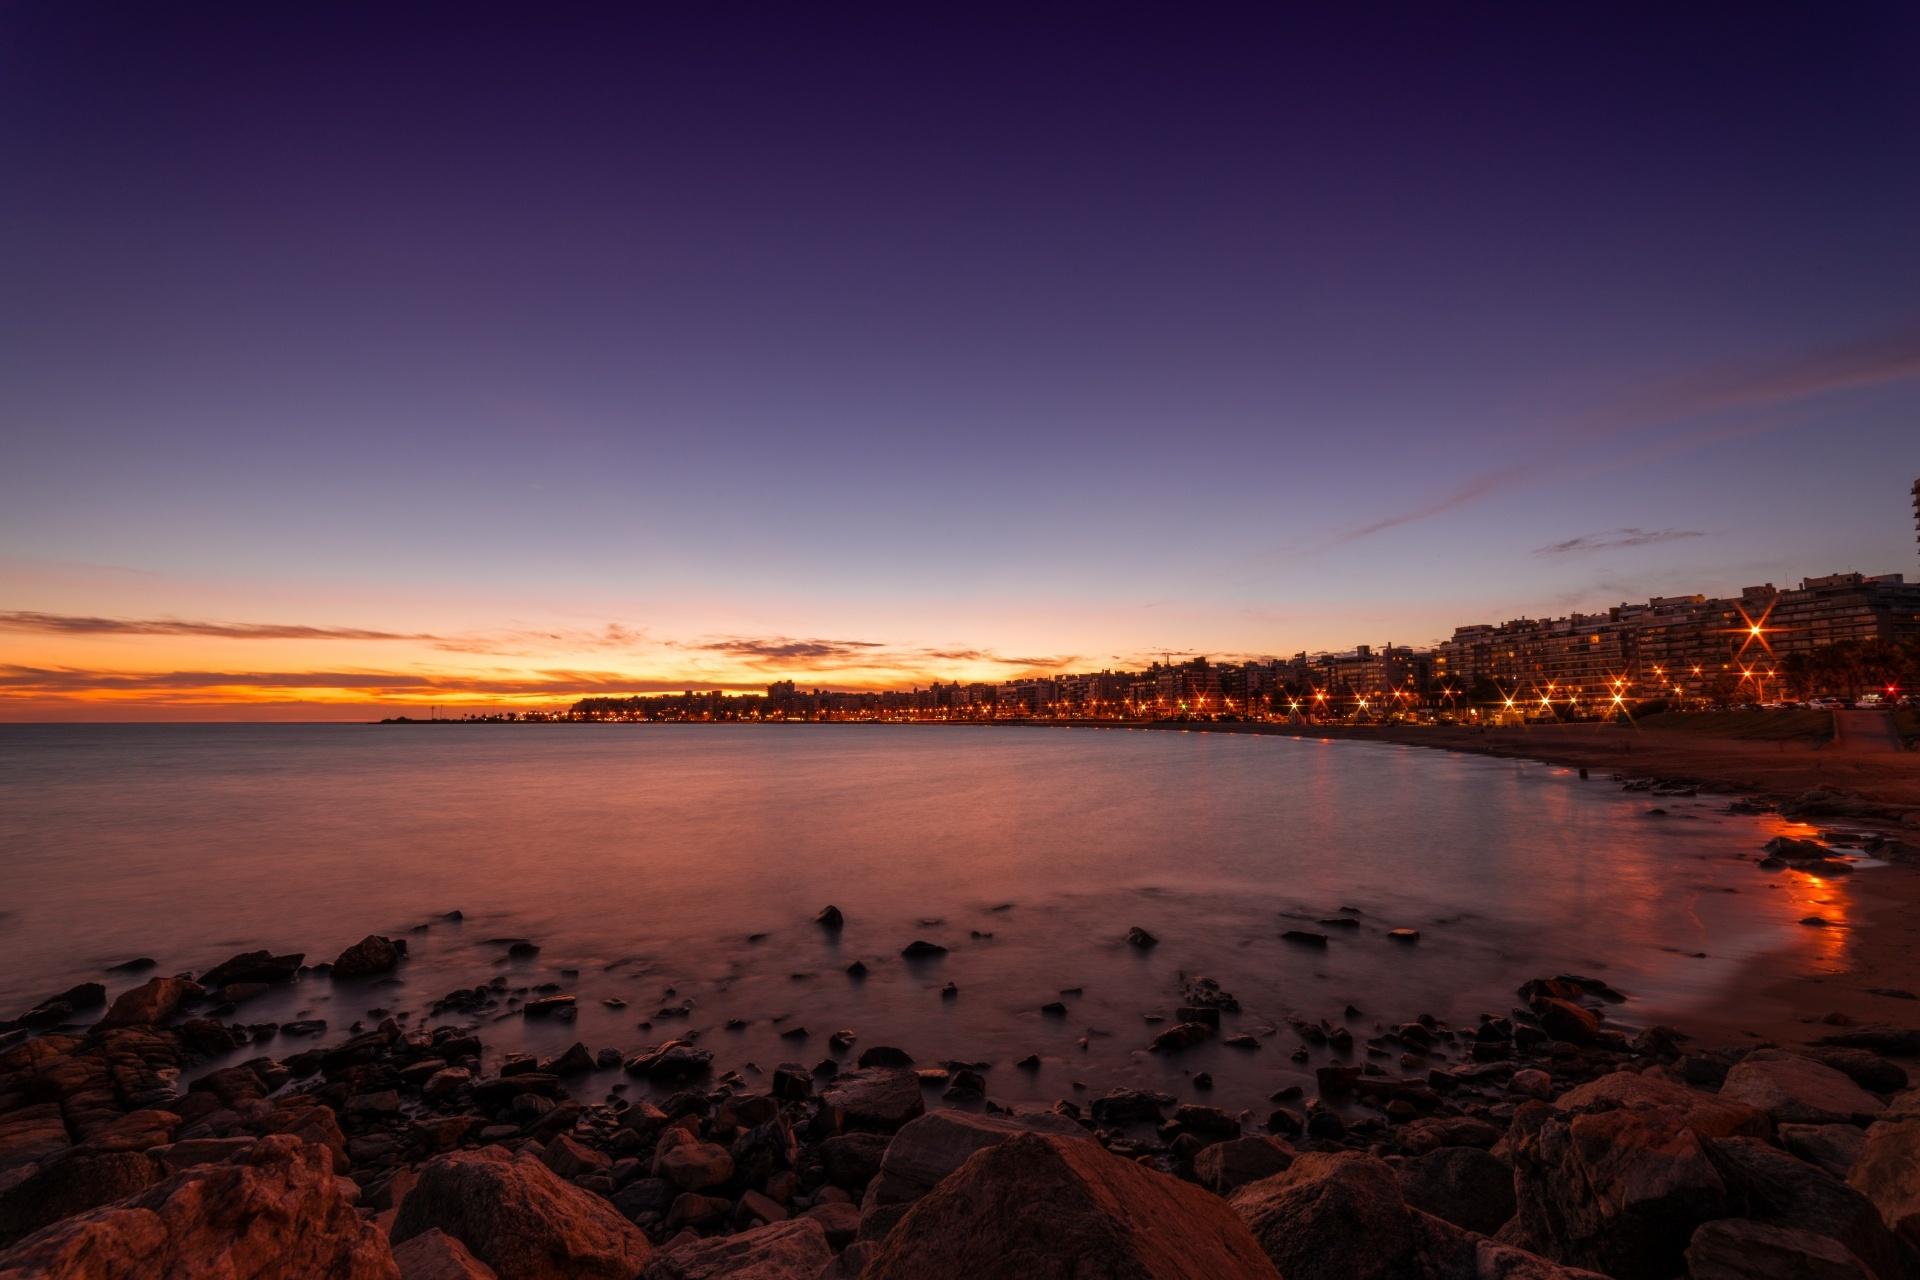 ウルグアイの首都モンテビデオの海岸の夕暮れの風景